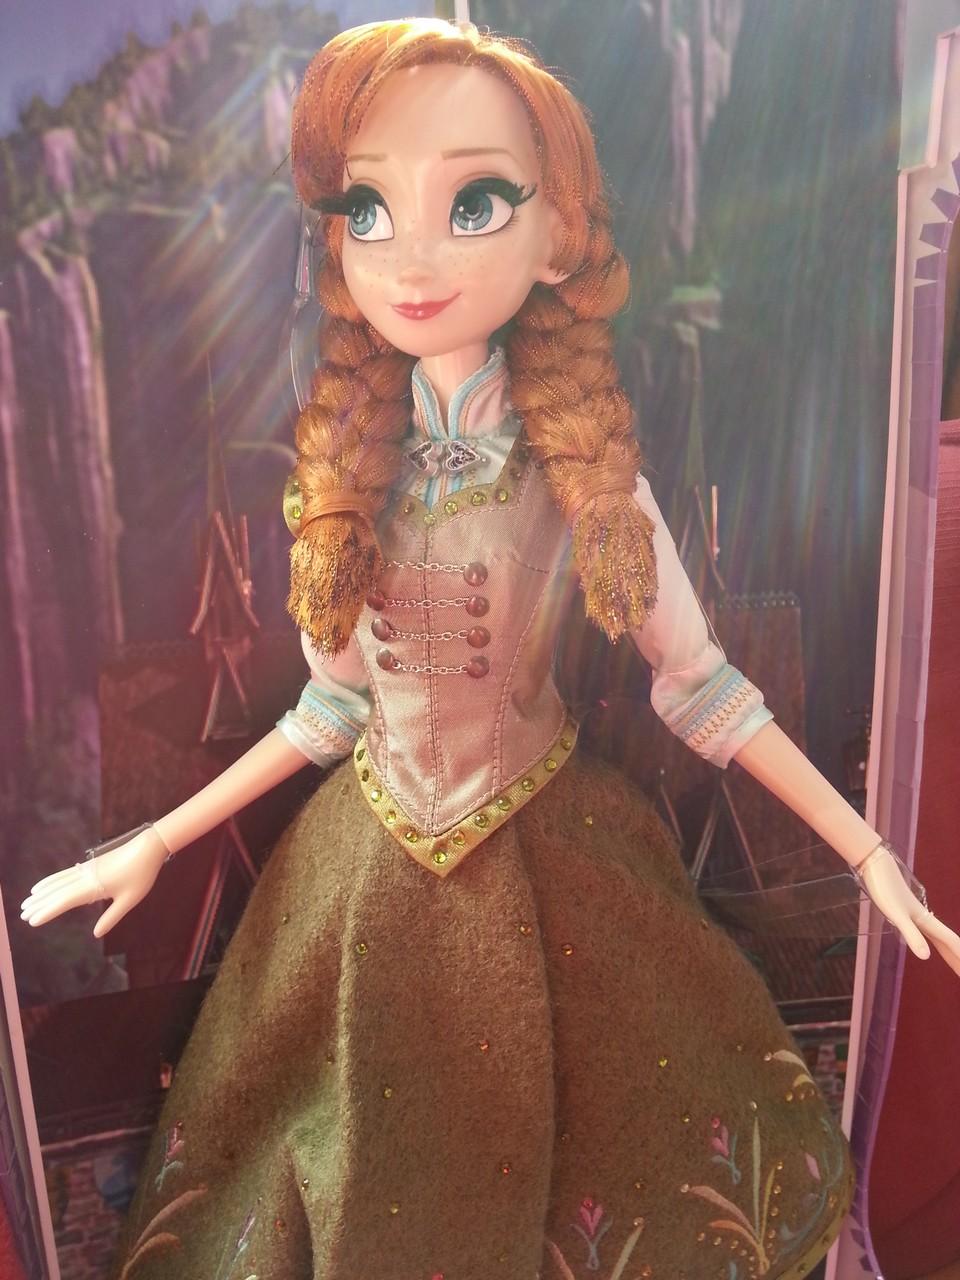 Disney Store Poupées Limited Edition 17'' (depuis 2009) 150509045935258997